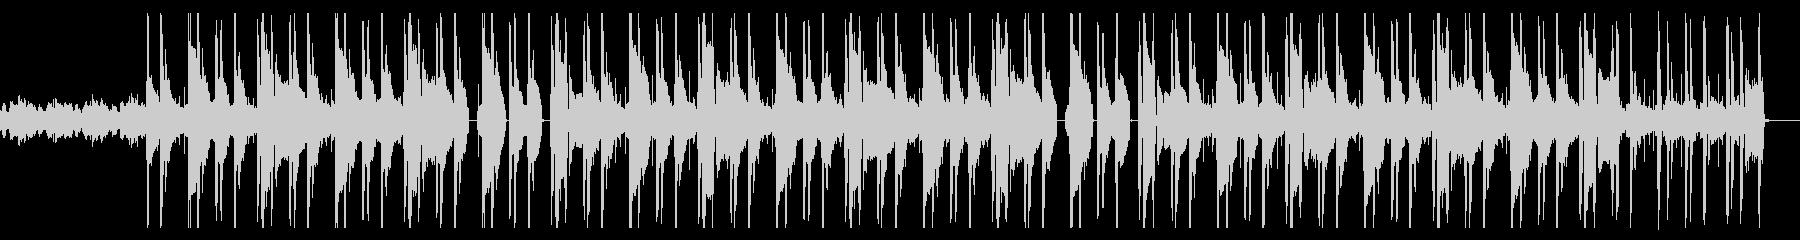 ダークで不穏なヒップホップ・トラップの未再生の波形